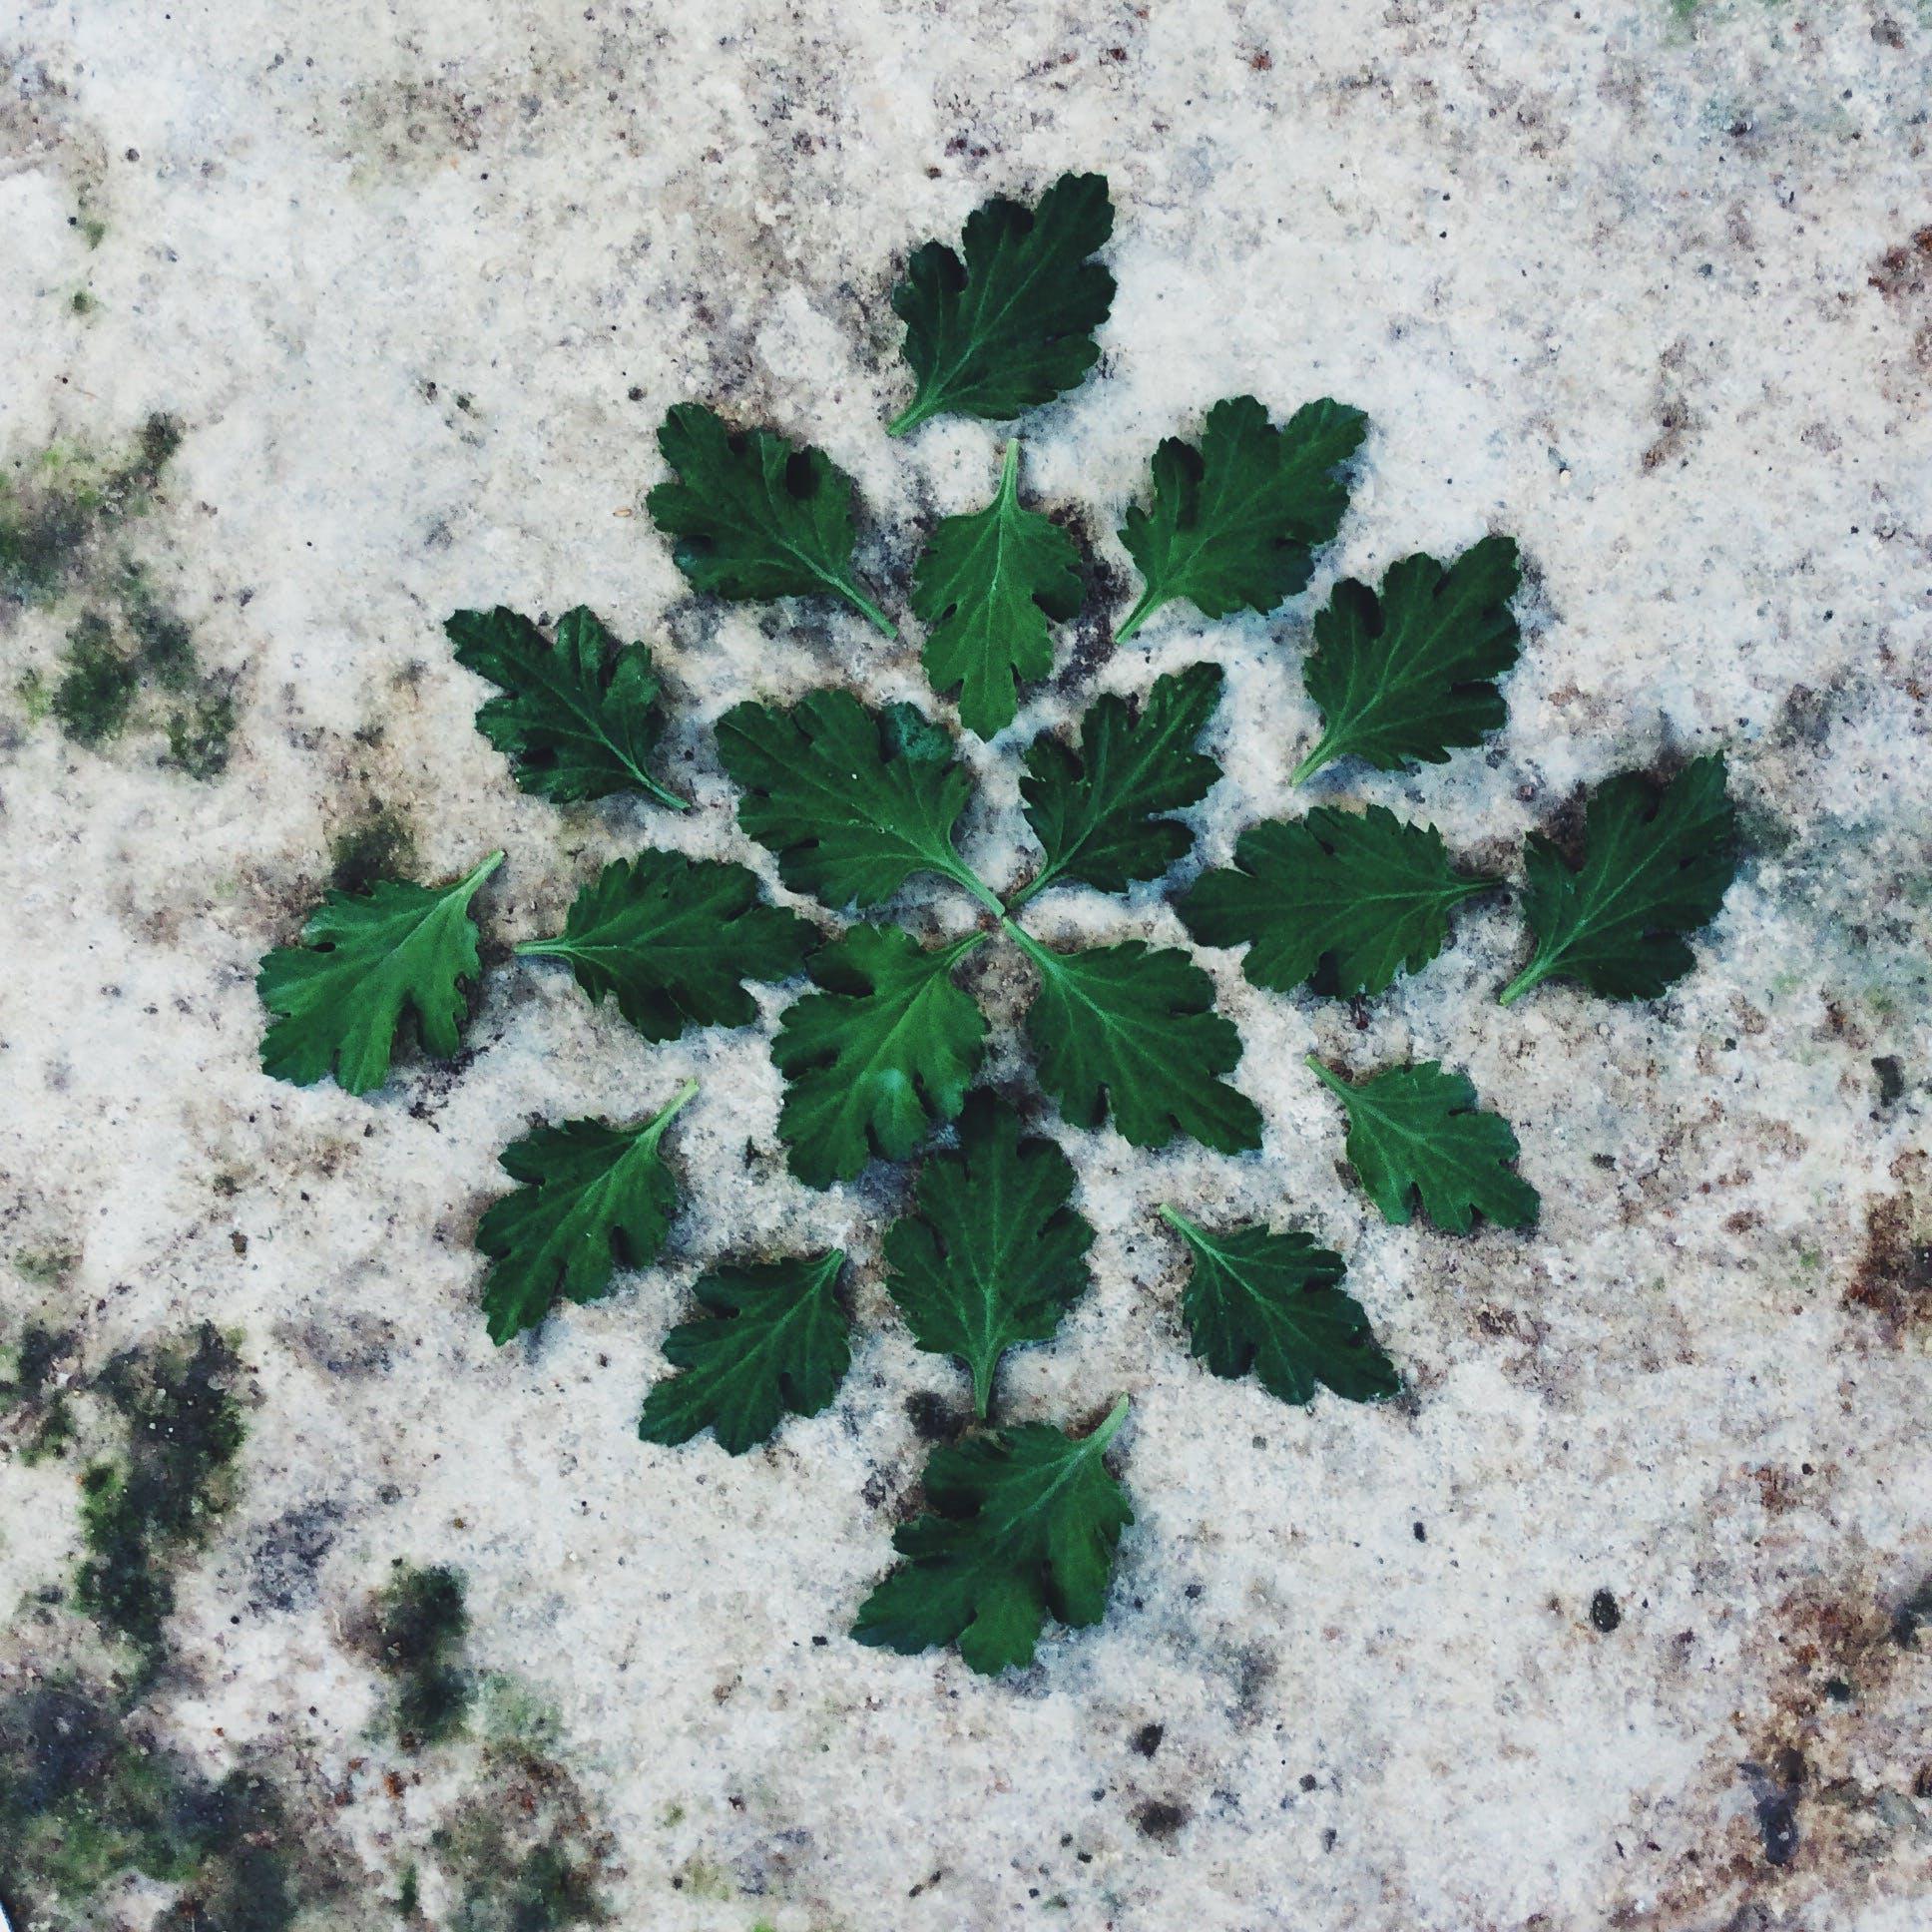 Δωρεάν στοκ φωτογραφιών με rock, πράσινο φύλλο, πράσινος